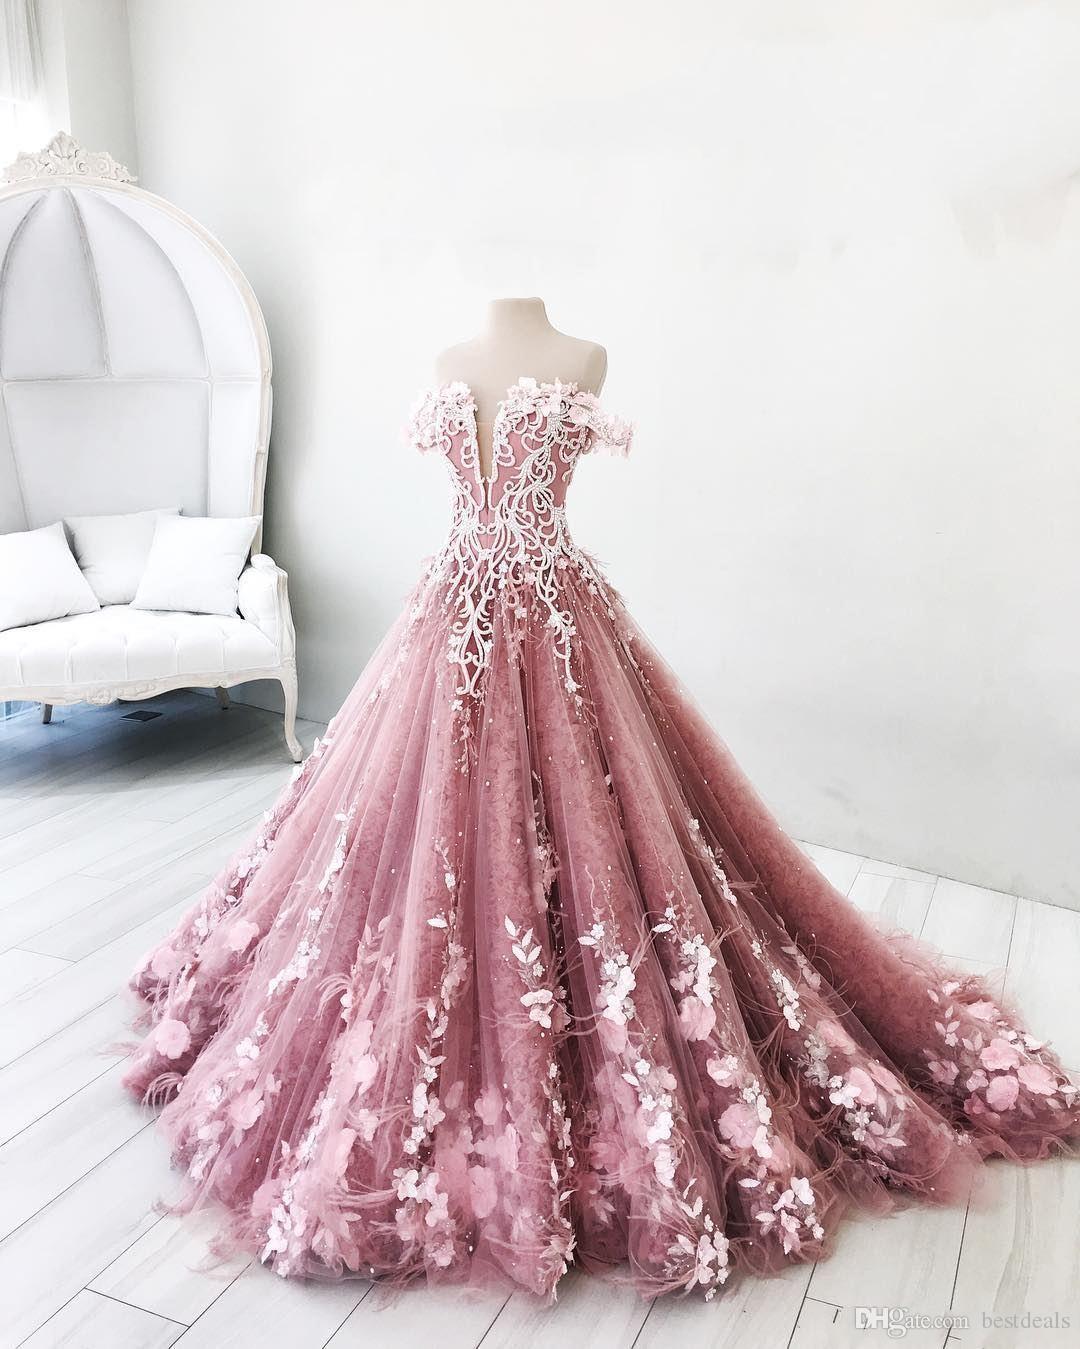 Реальные фото бабочка цветы аппликации бальное платье маскарад Quinceanera платья с плеча спинки длиной до пола сладкие 16 театрализованные платья